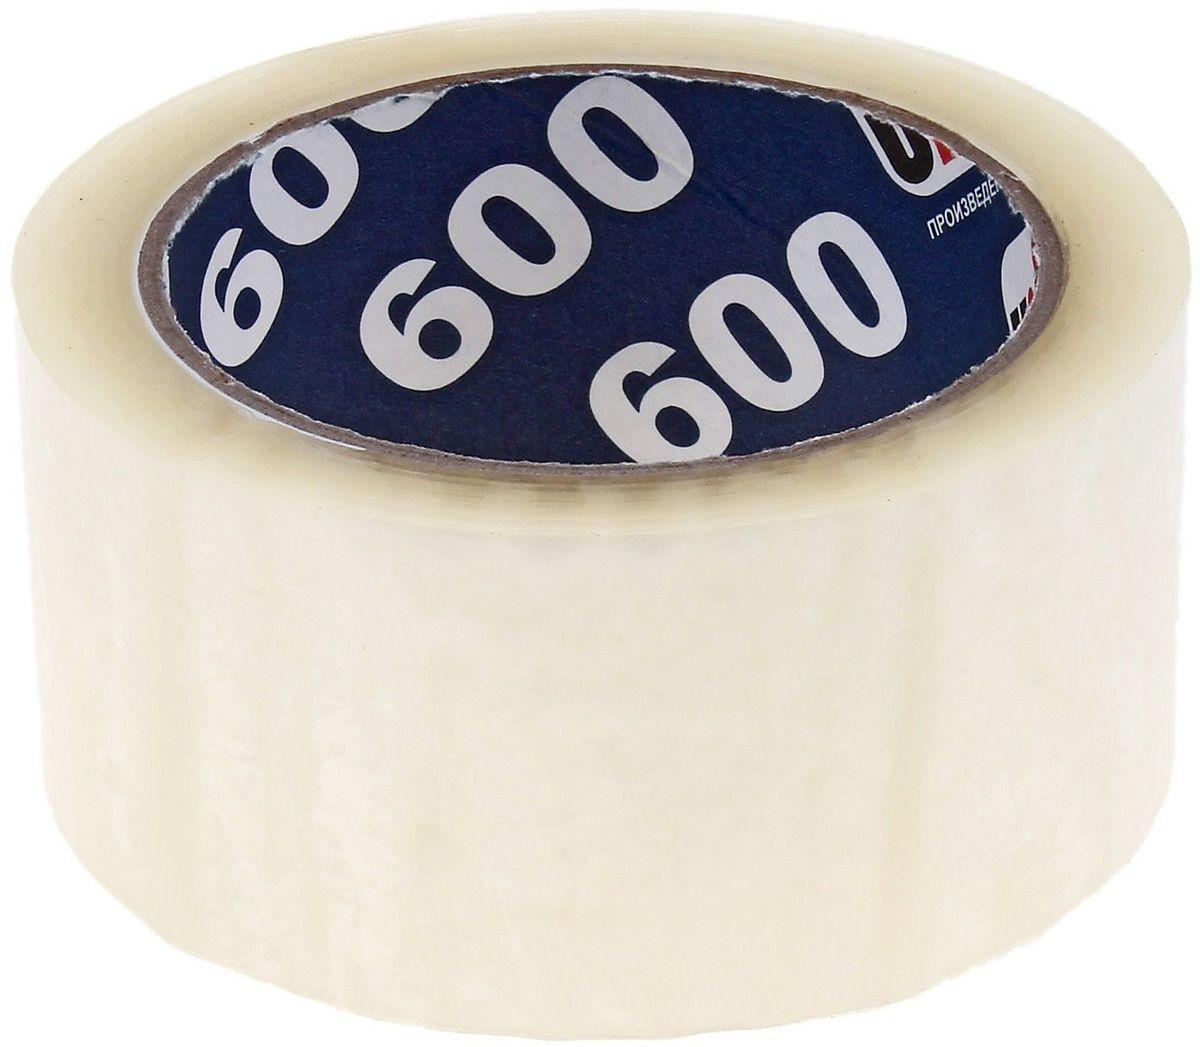 Unibob Клейкая лента цвет прозрачный 48 мм х 66 м 691932691932Клейкая лента Unibob на полипропиленовой основе - это водонепроницаемое изделие, которое способно противостоять широкому диапазону температур. Применяется в быту для упаковки легких и тяжелых коробок, изготовленных из гофрокартона, строительных смесей, масложировой продукции и мороженого, канцелярских товаров, промышленных товаров.Клейкая лента поможет скрепить предметы в любой ситуации, например, если вы делаете ремонт или меняете место жительства и пакуете коробки.